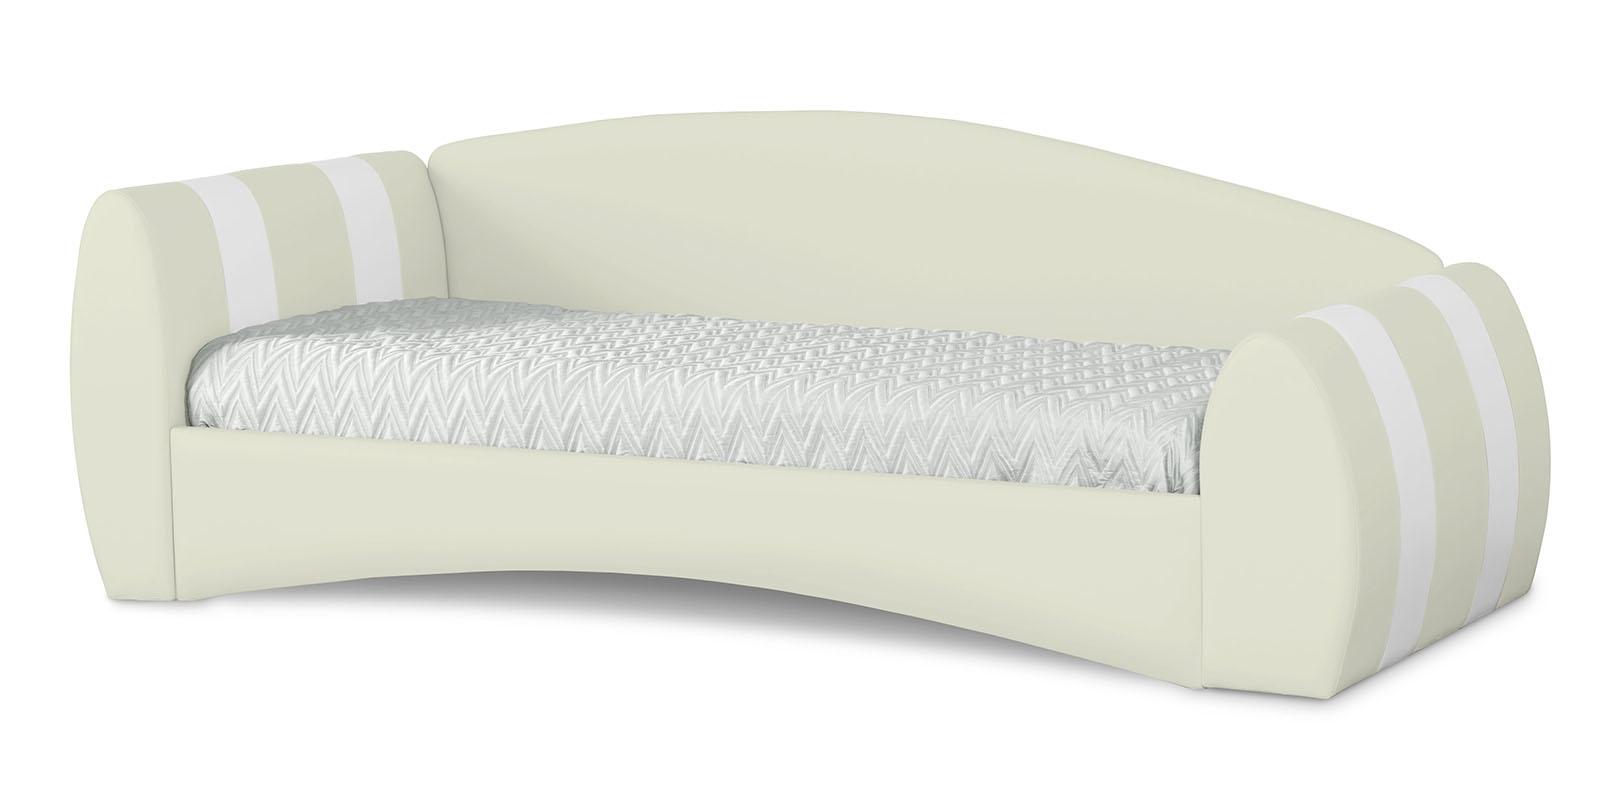 Кровать мягкая 190х90 Монако угол левый (молочный/белый)